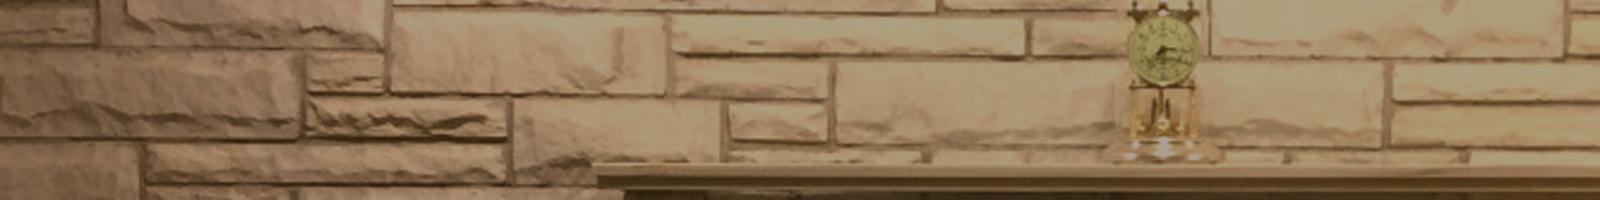 fireplace-masonry-newington-ct